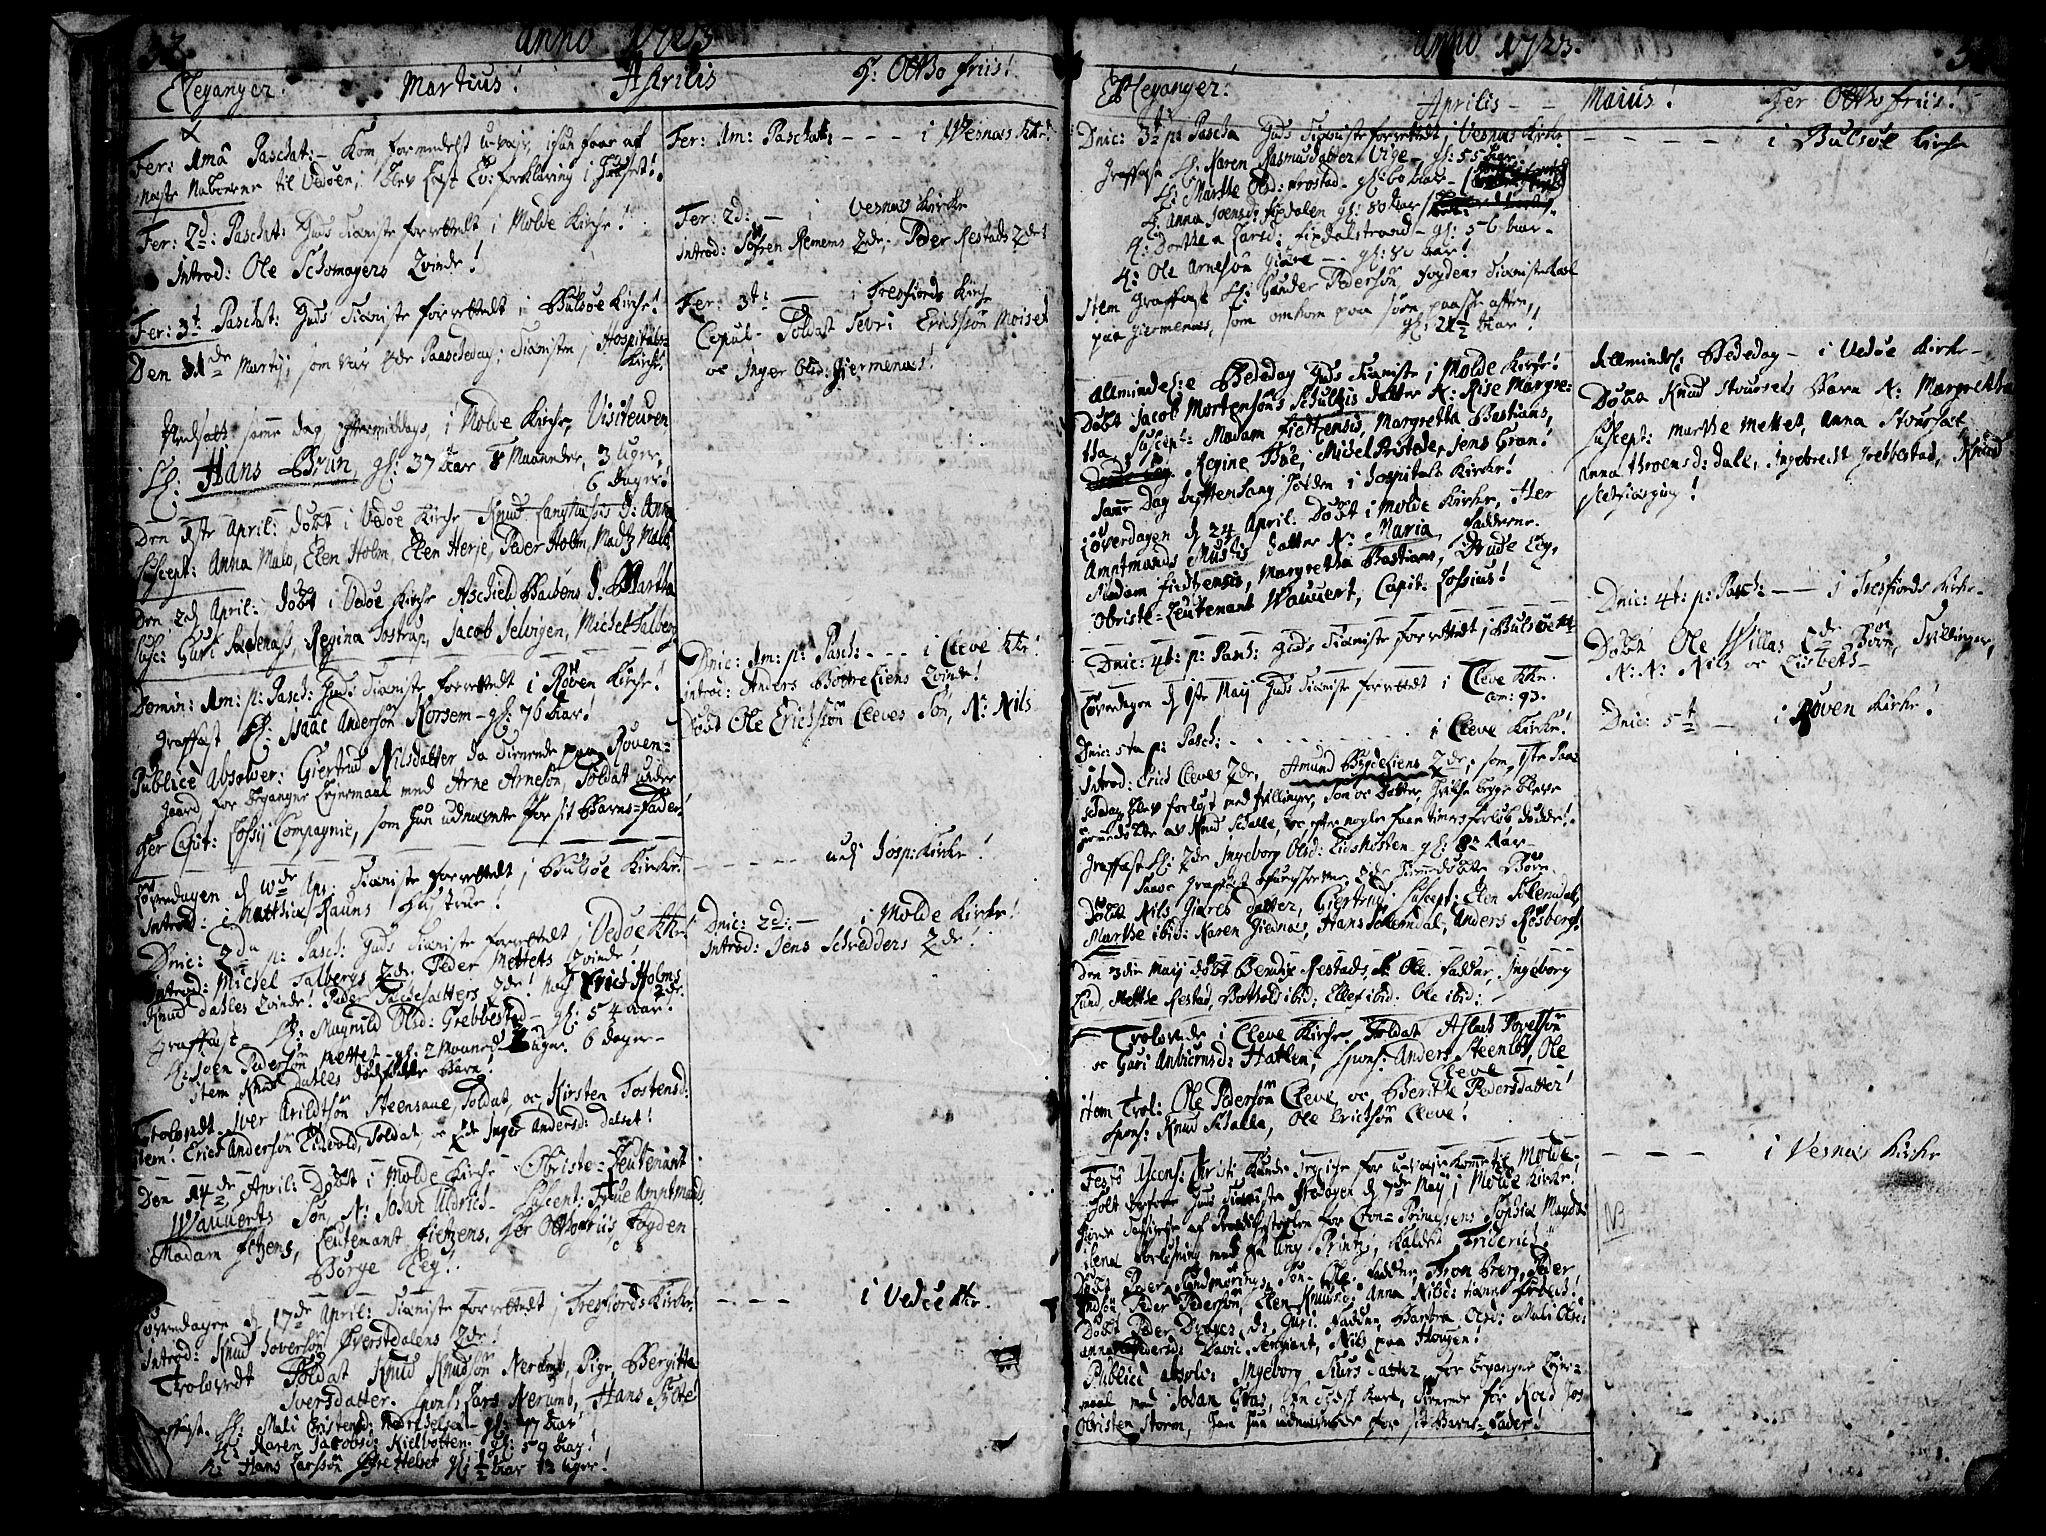 SAT, Ministerialprotokoller, klokkerbøker og fødselsregistre - Møre og Romsdal, 547/L0599: Ministerialbok nr. 547A01, 1721-1764, s. 32-33